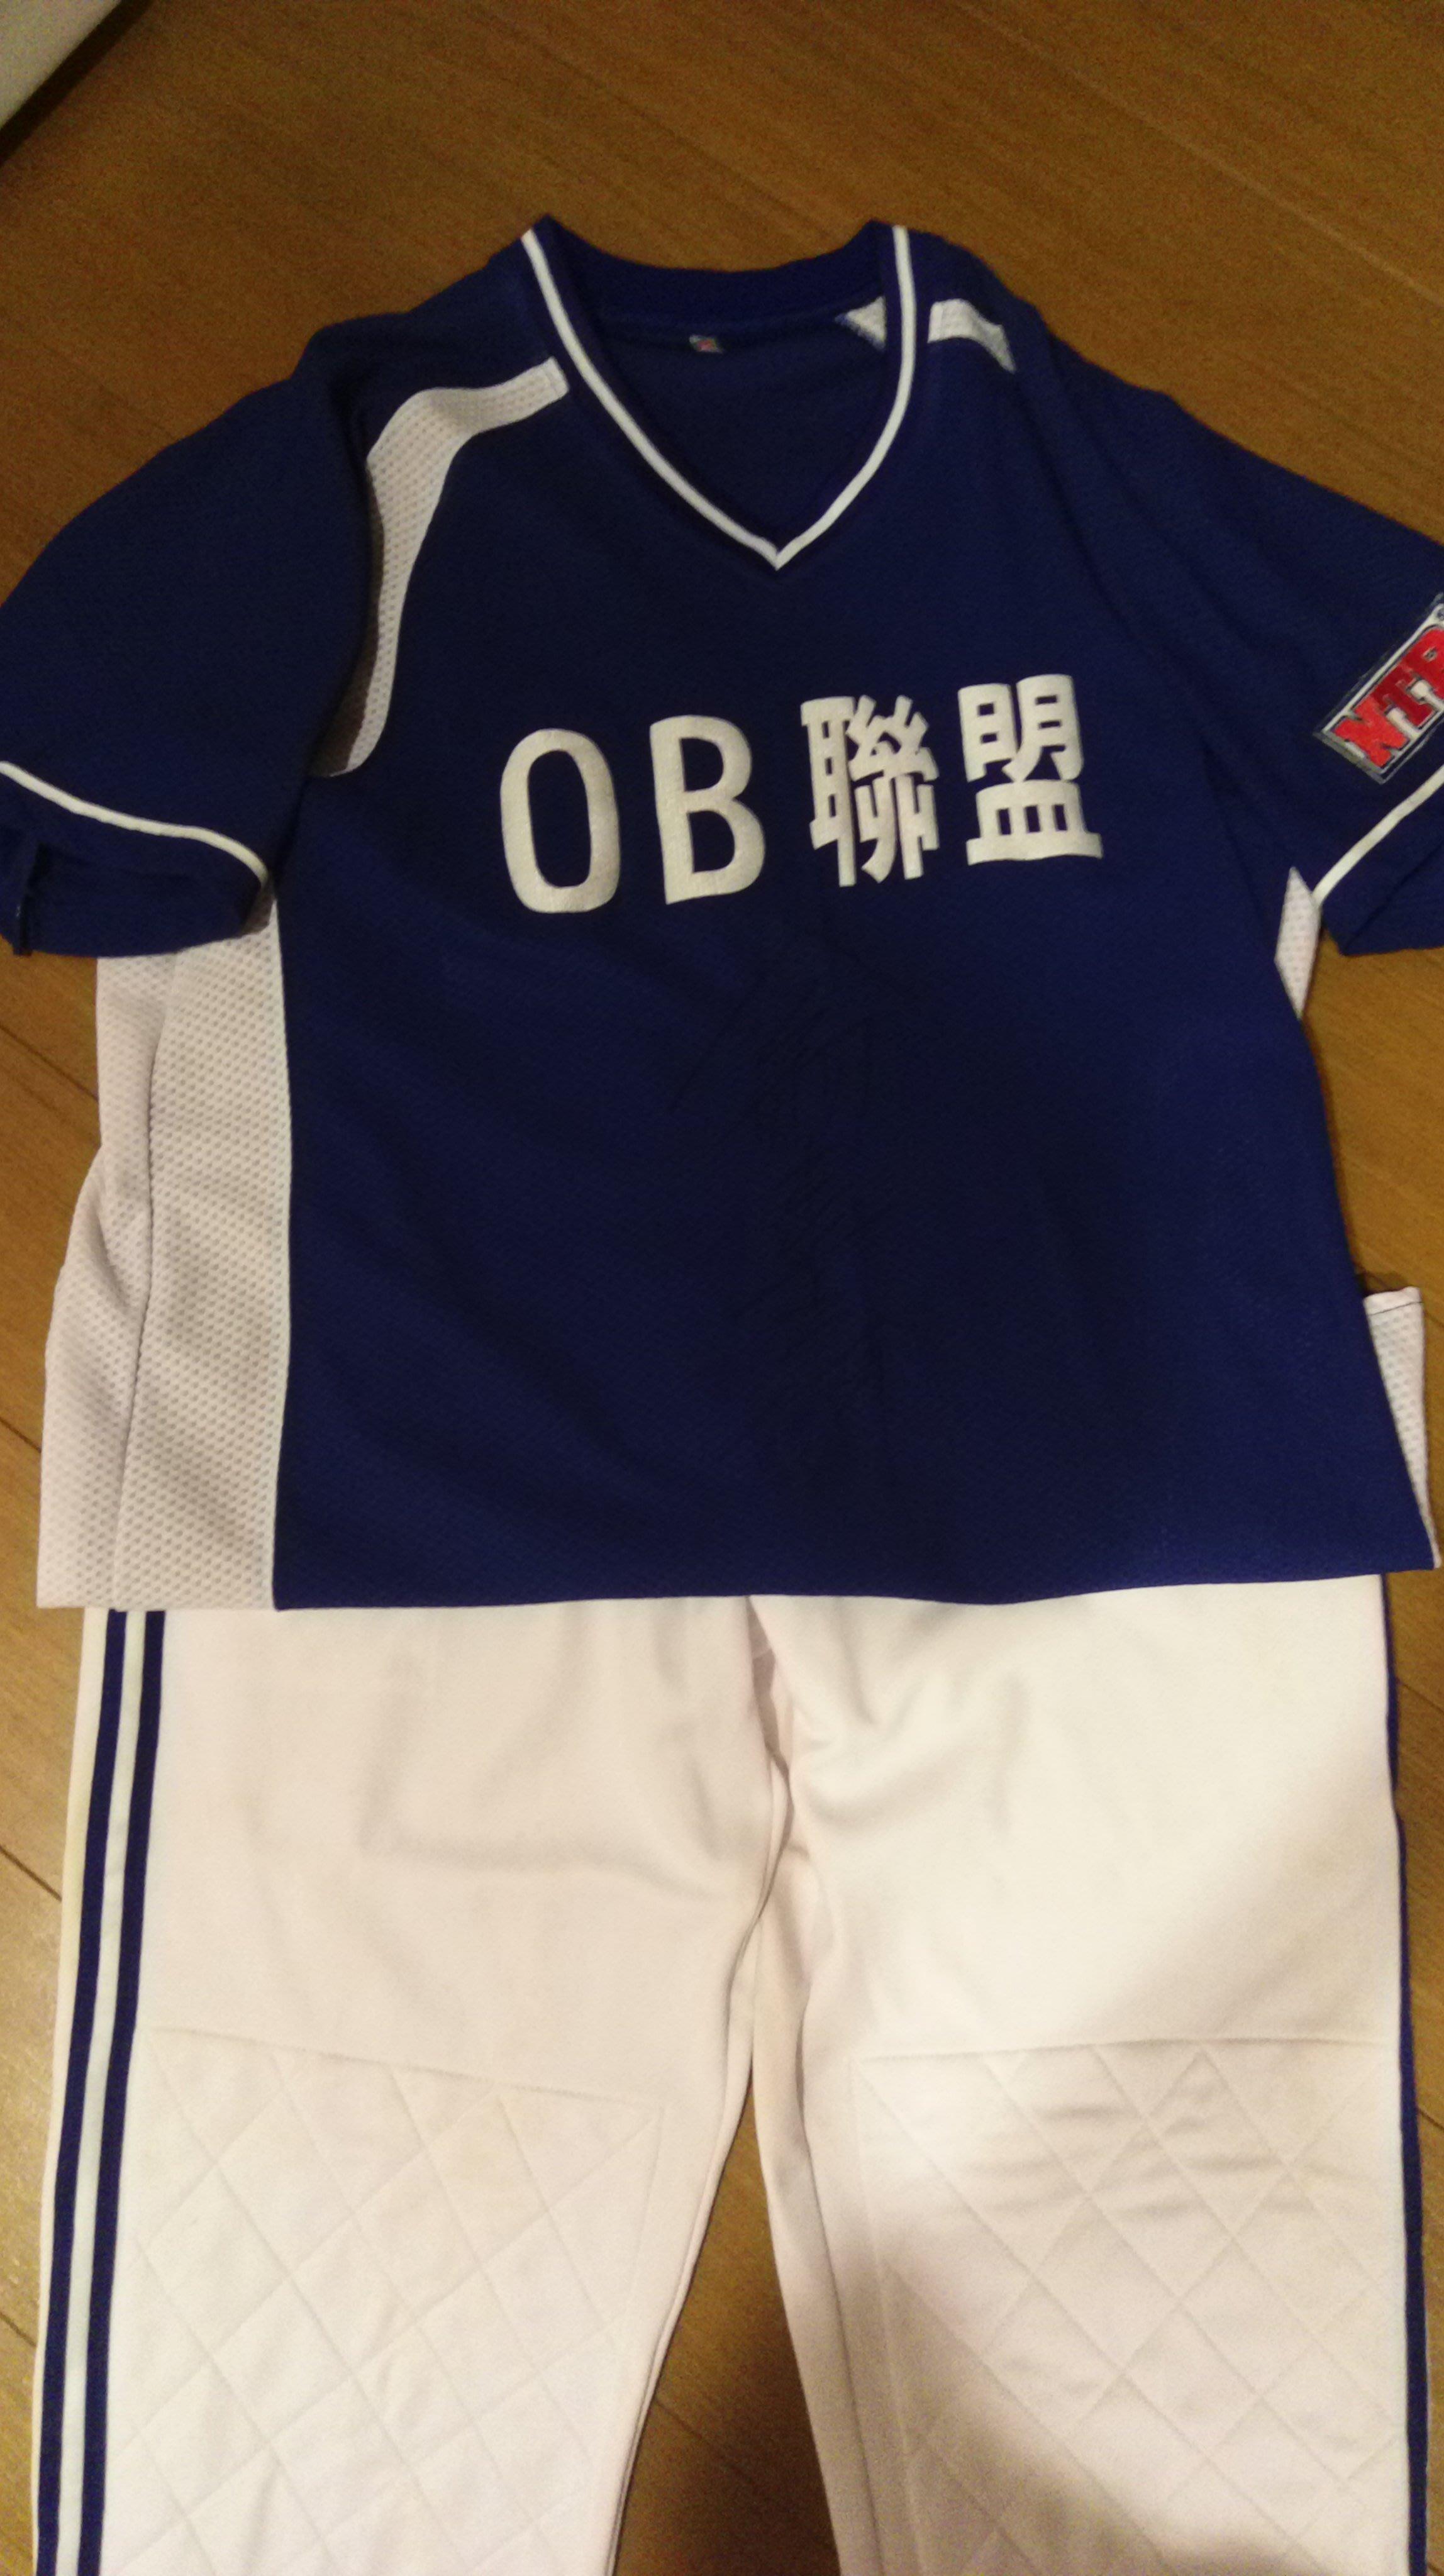 2004年第一屆OB聯盟郭李建夫(翁豐堉)實戰球衣+實戰球褲-附OB聯盟認證卡